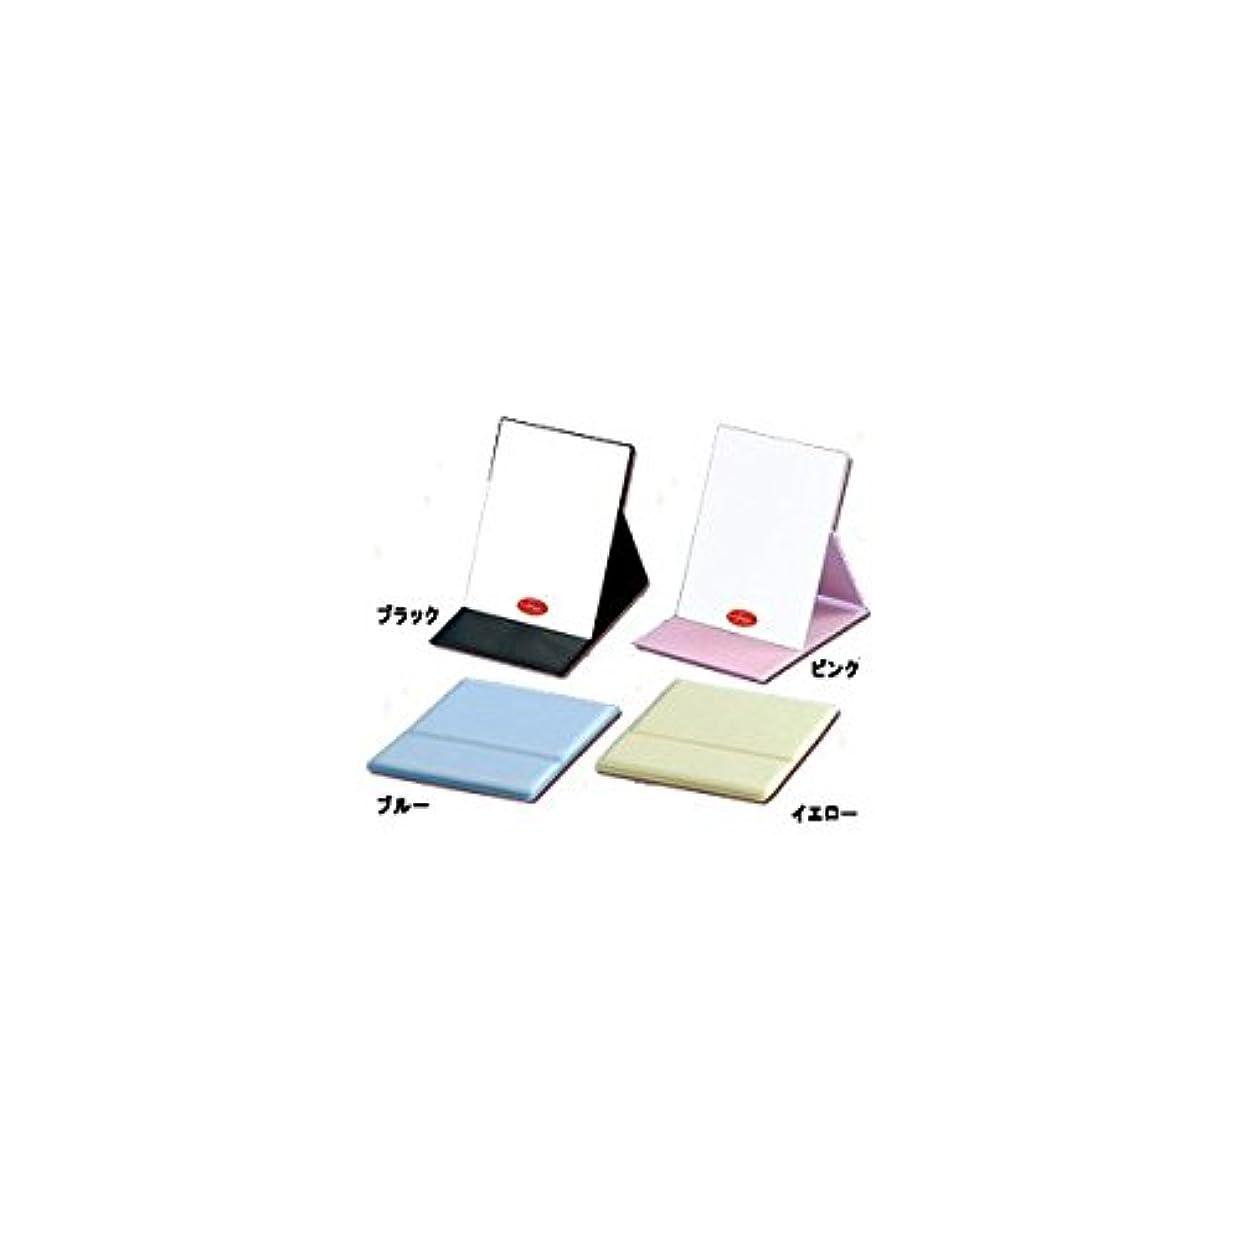 深さ綺麗な相対性理論ナピュア プロモデル カラーバージョン折立ミラー M ピンク